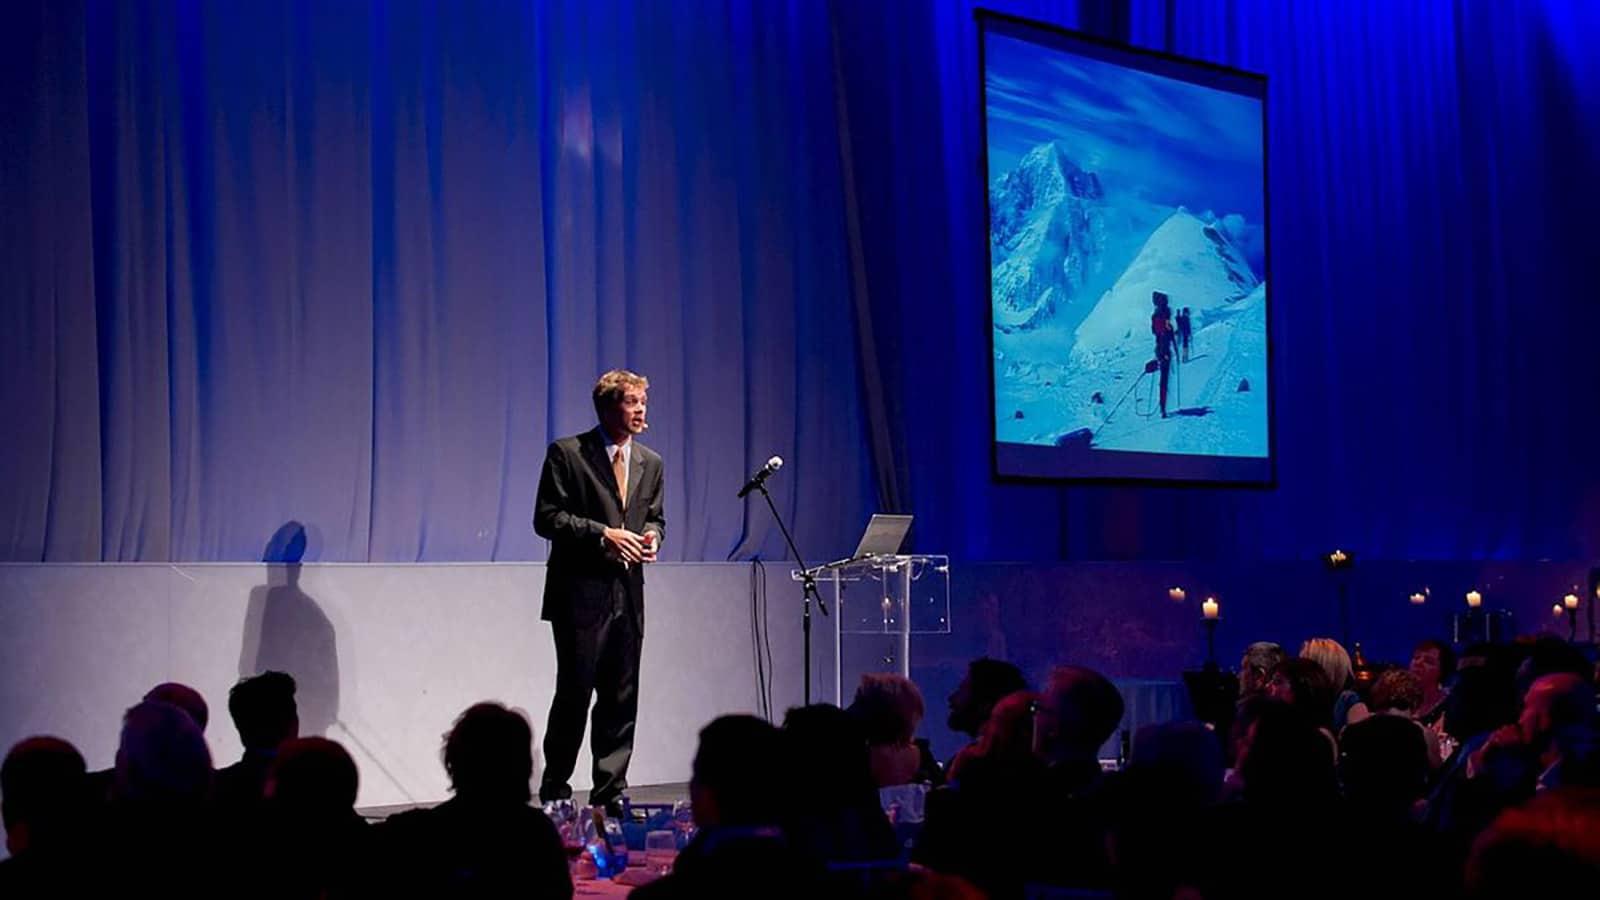 Jake Speaking at WFP